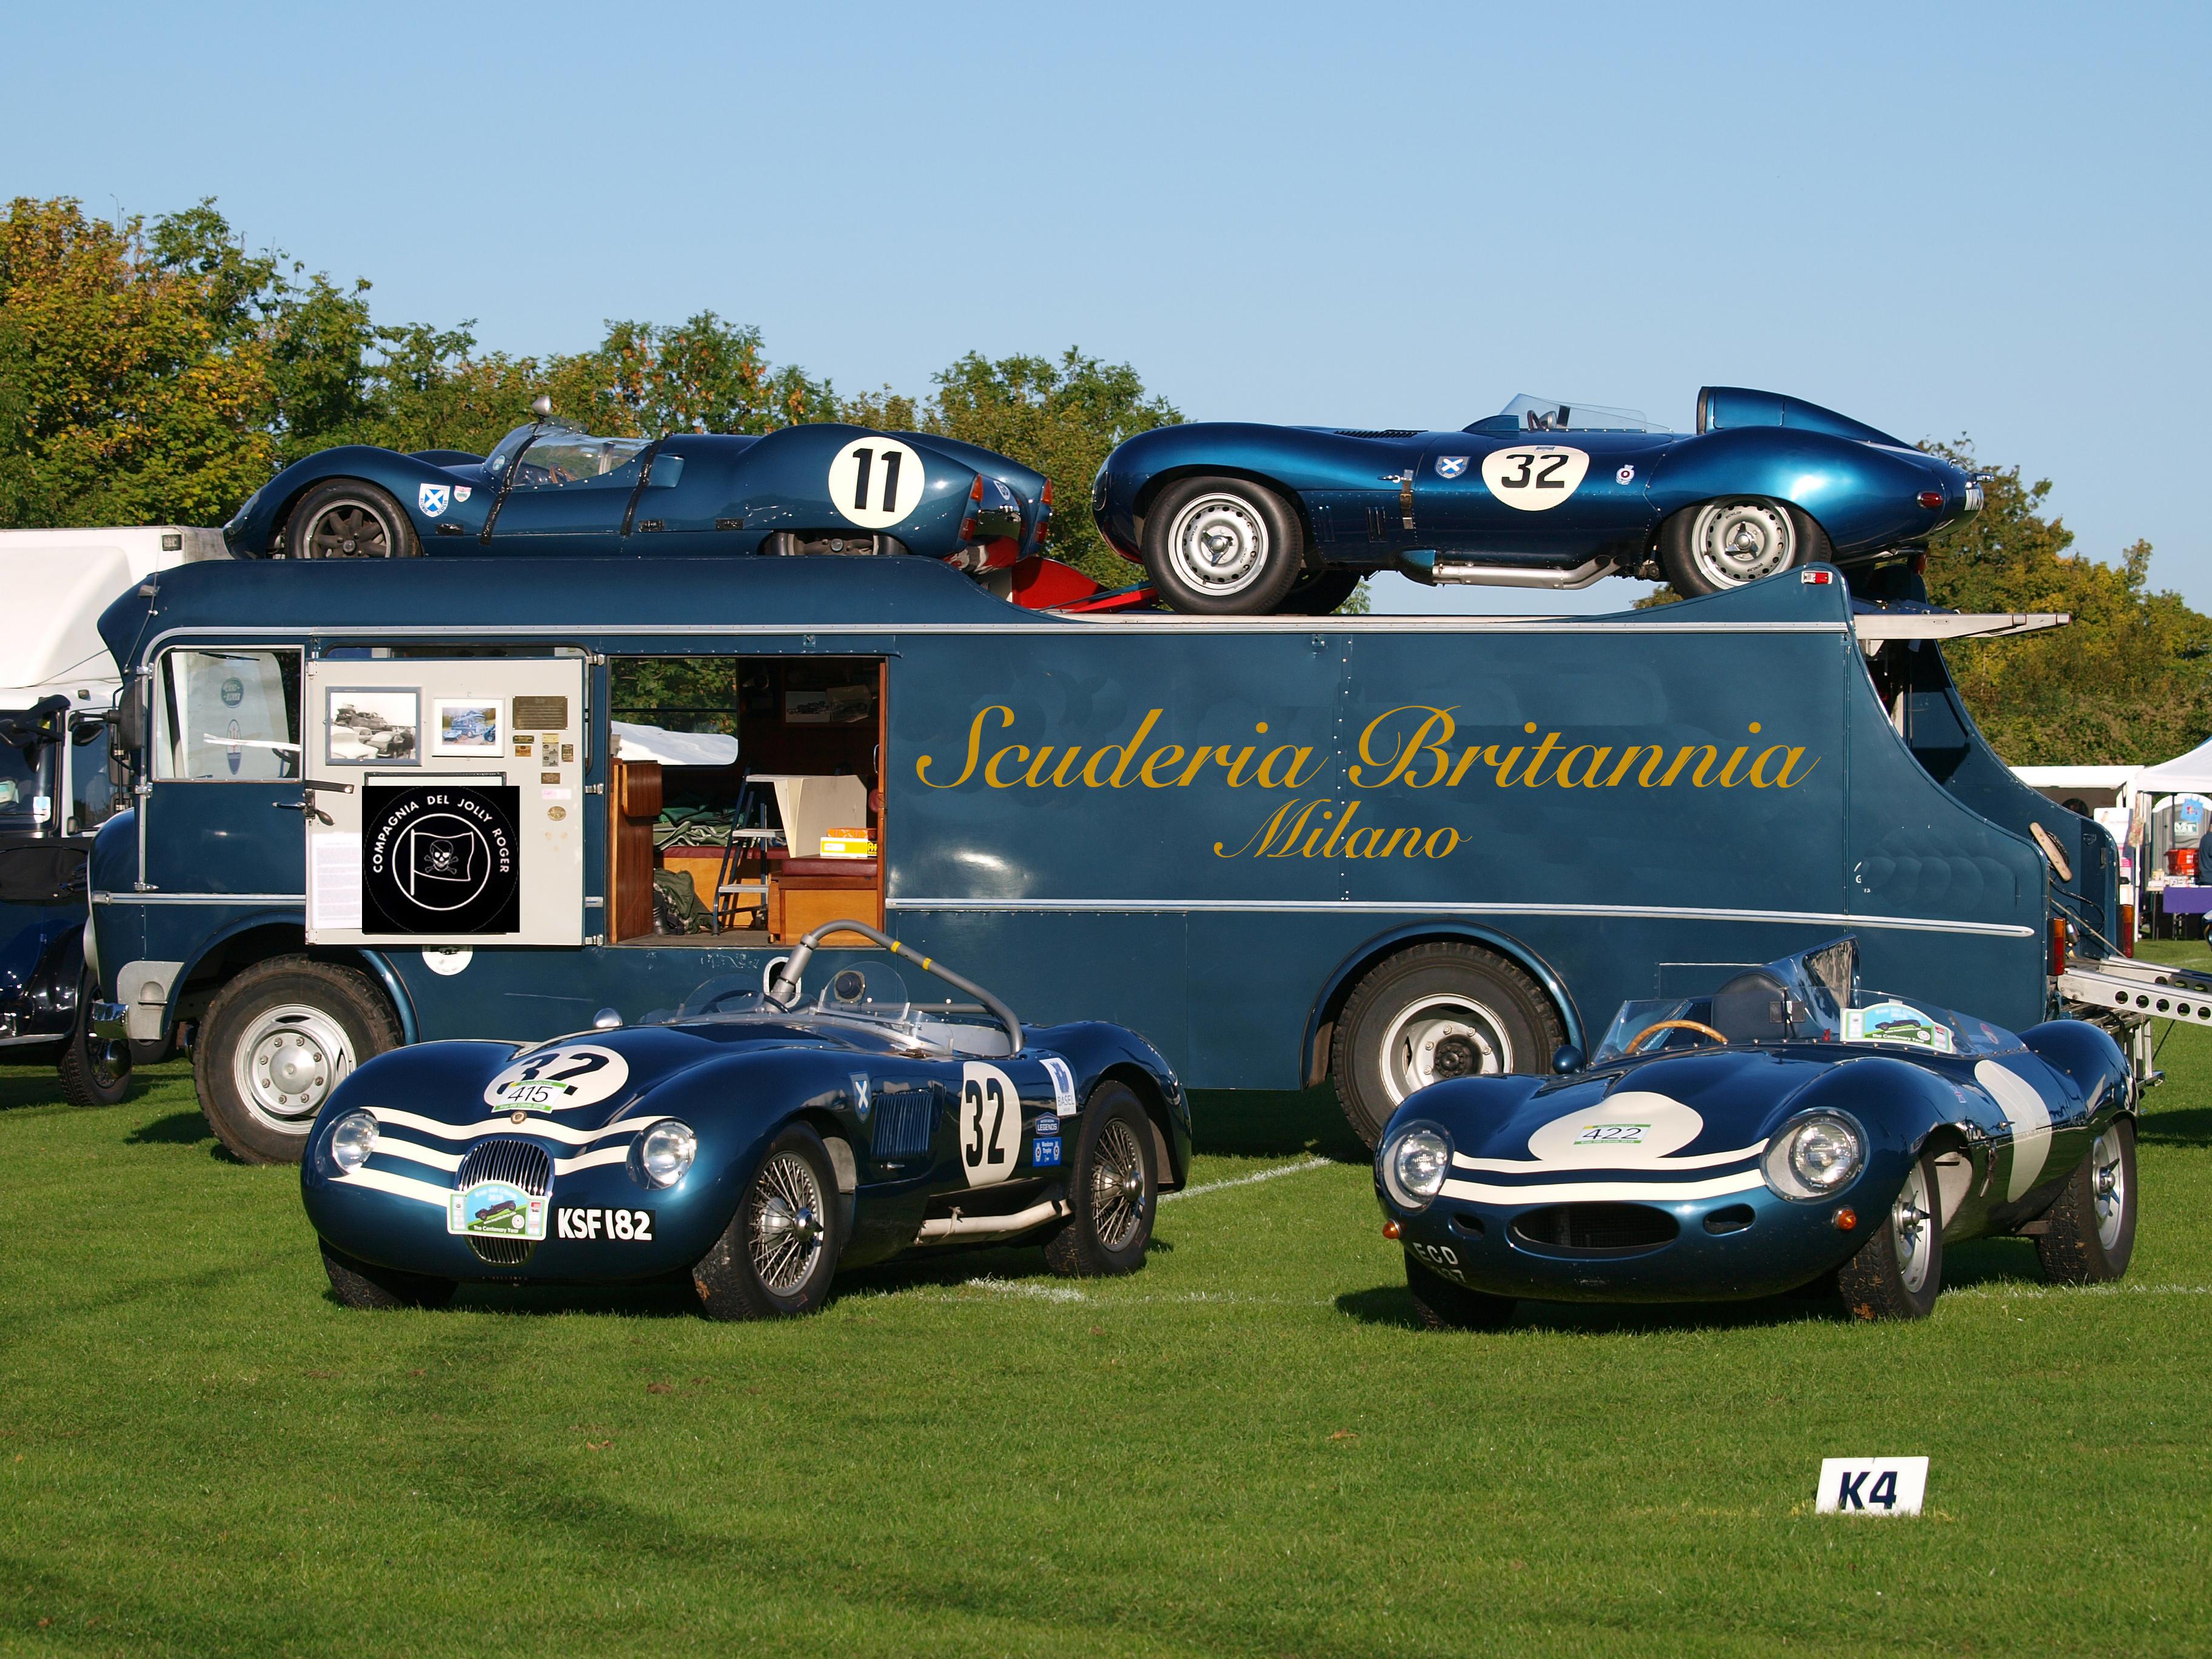 Scuderia Britanni Camion